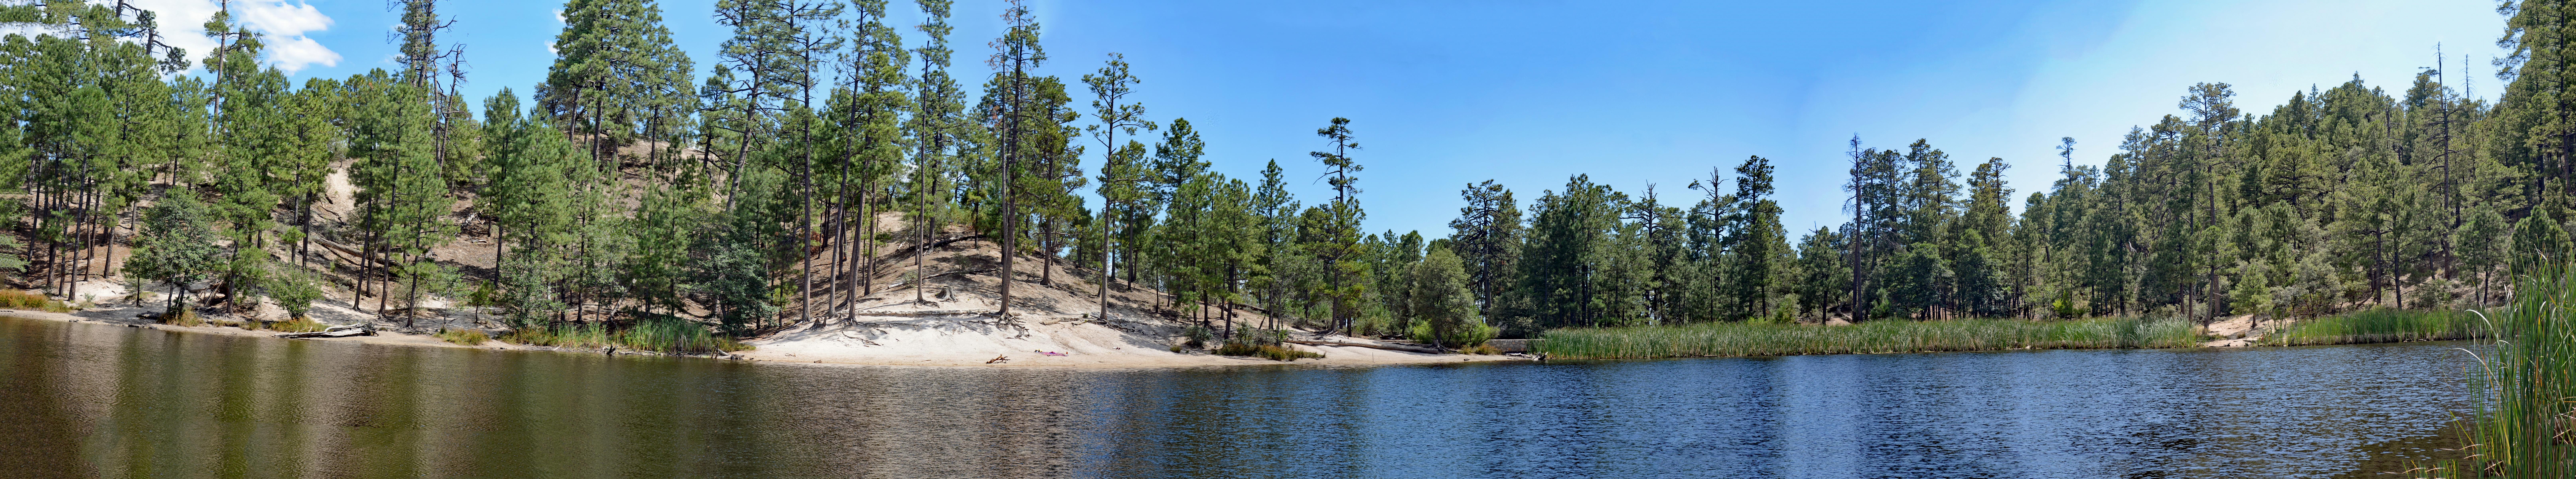 Rose Canyon Lake 10 Pano_edited-1